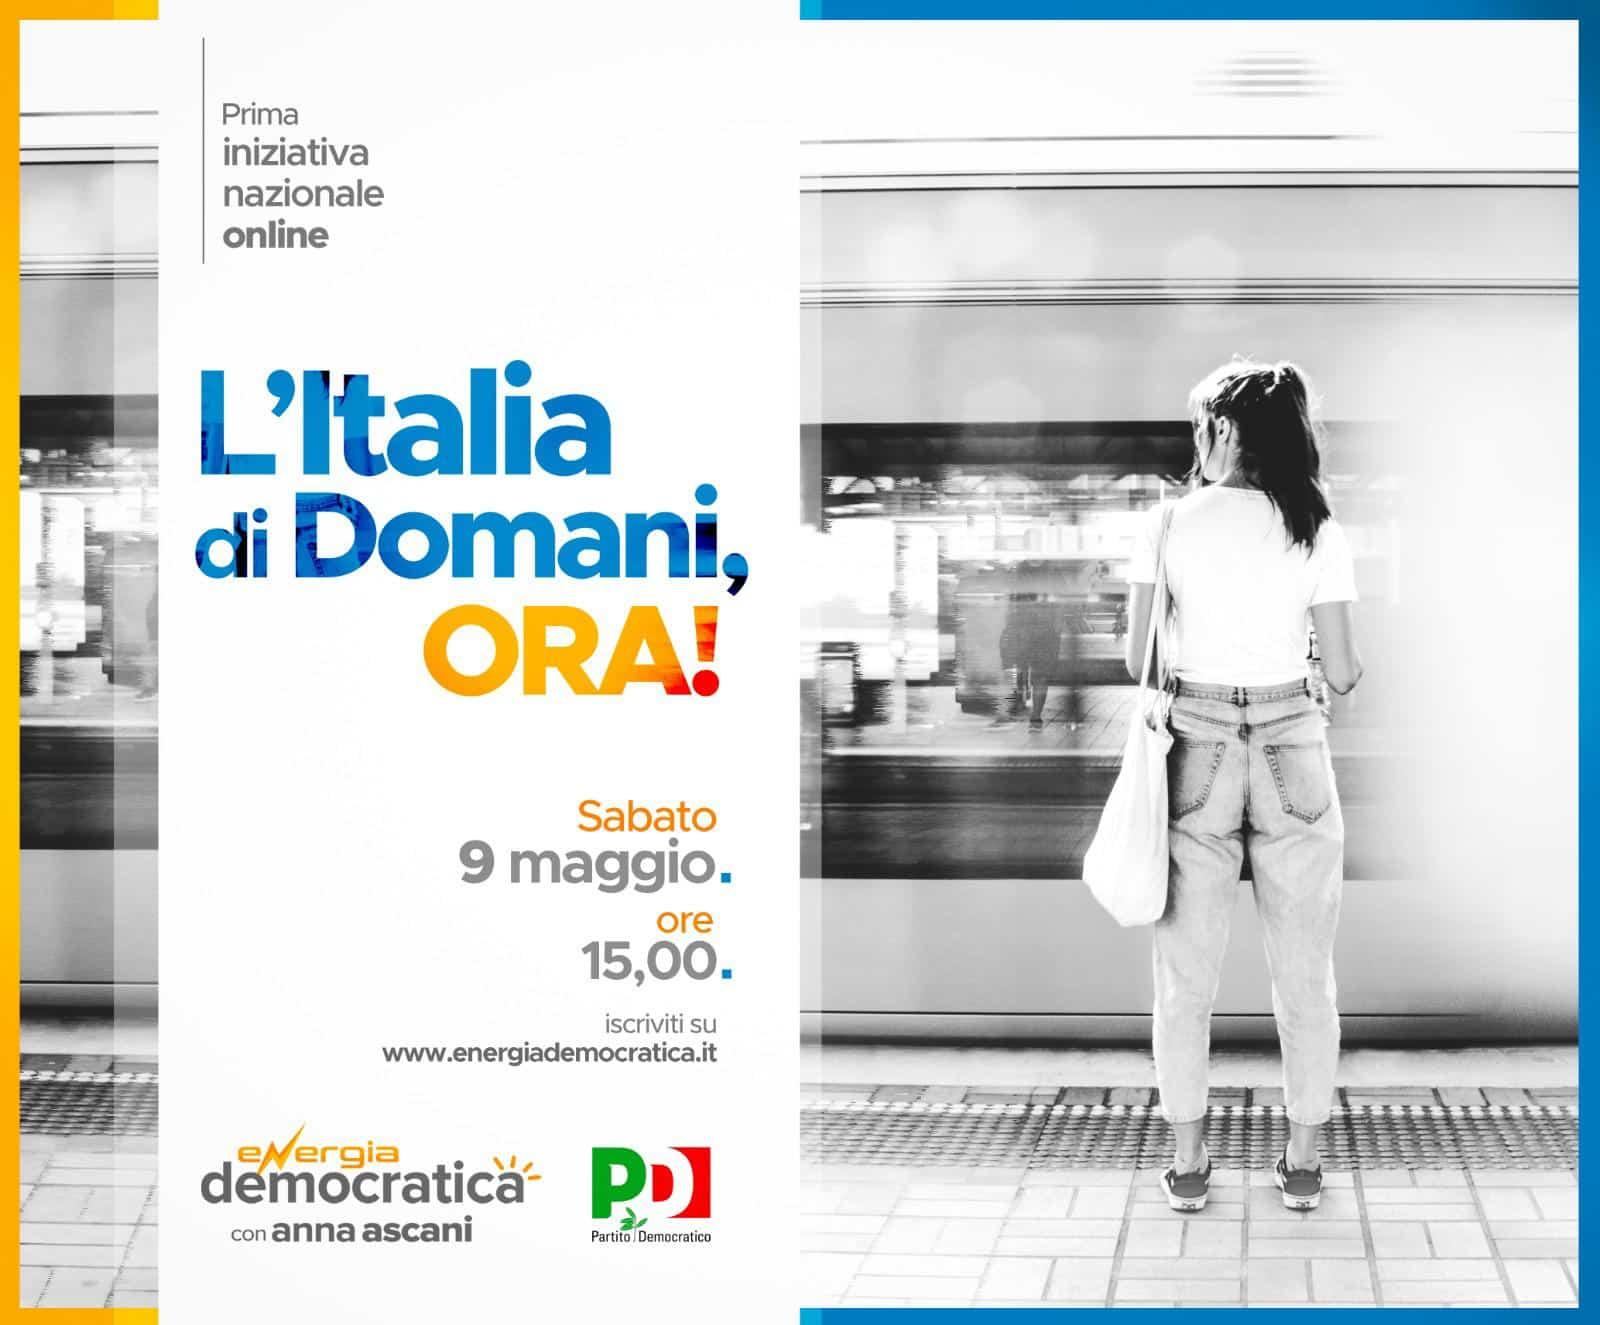 L'Italia di Domani, ORA !